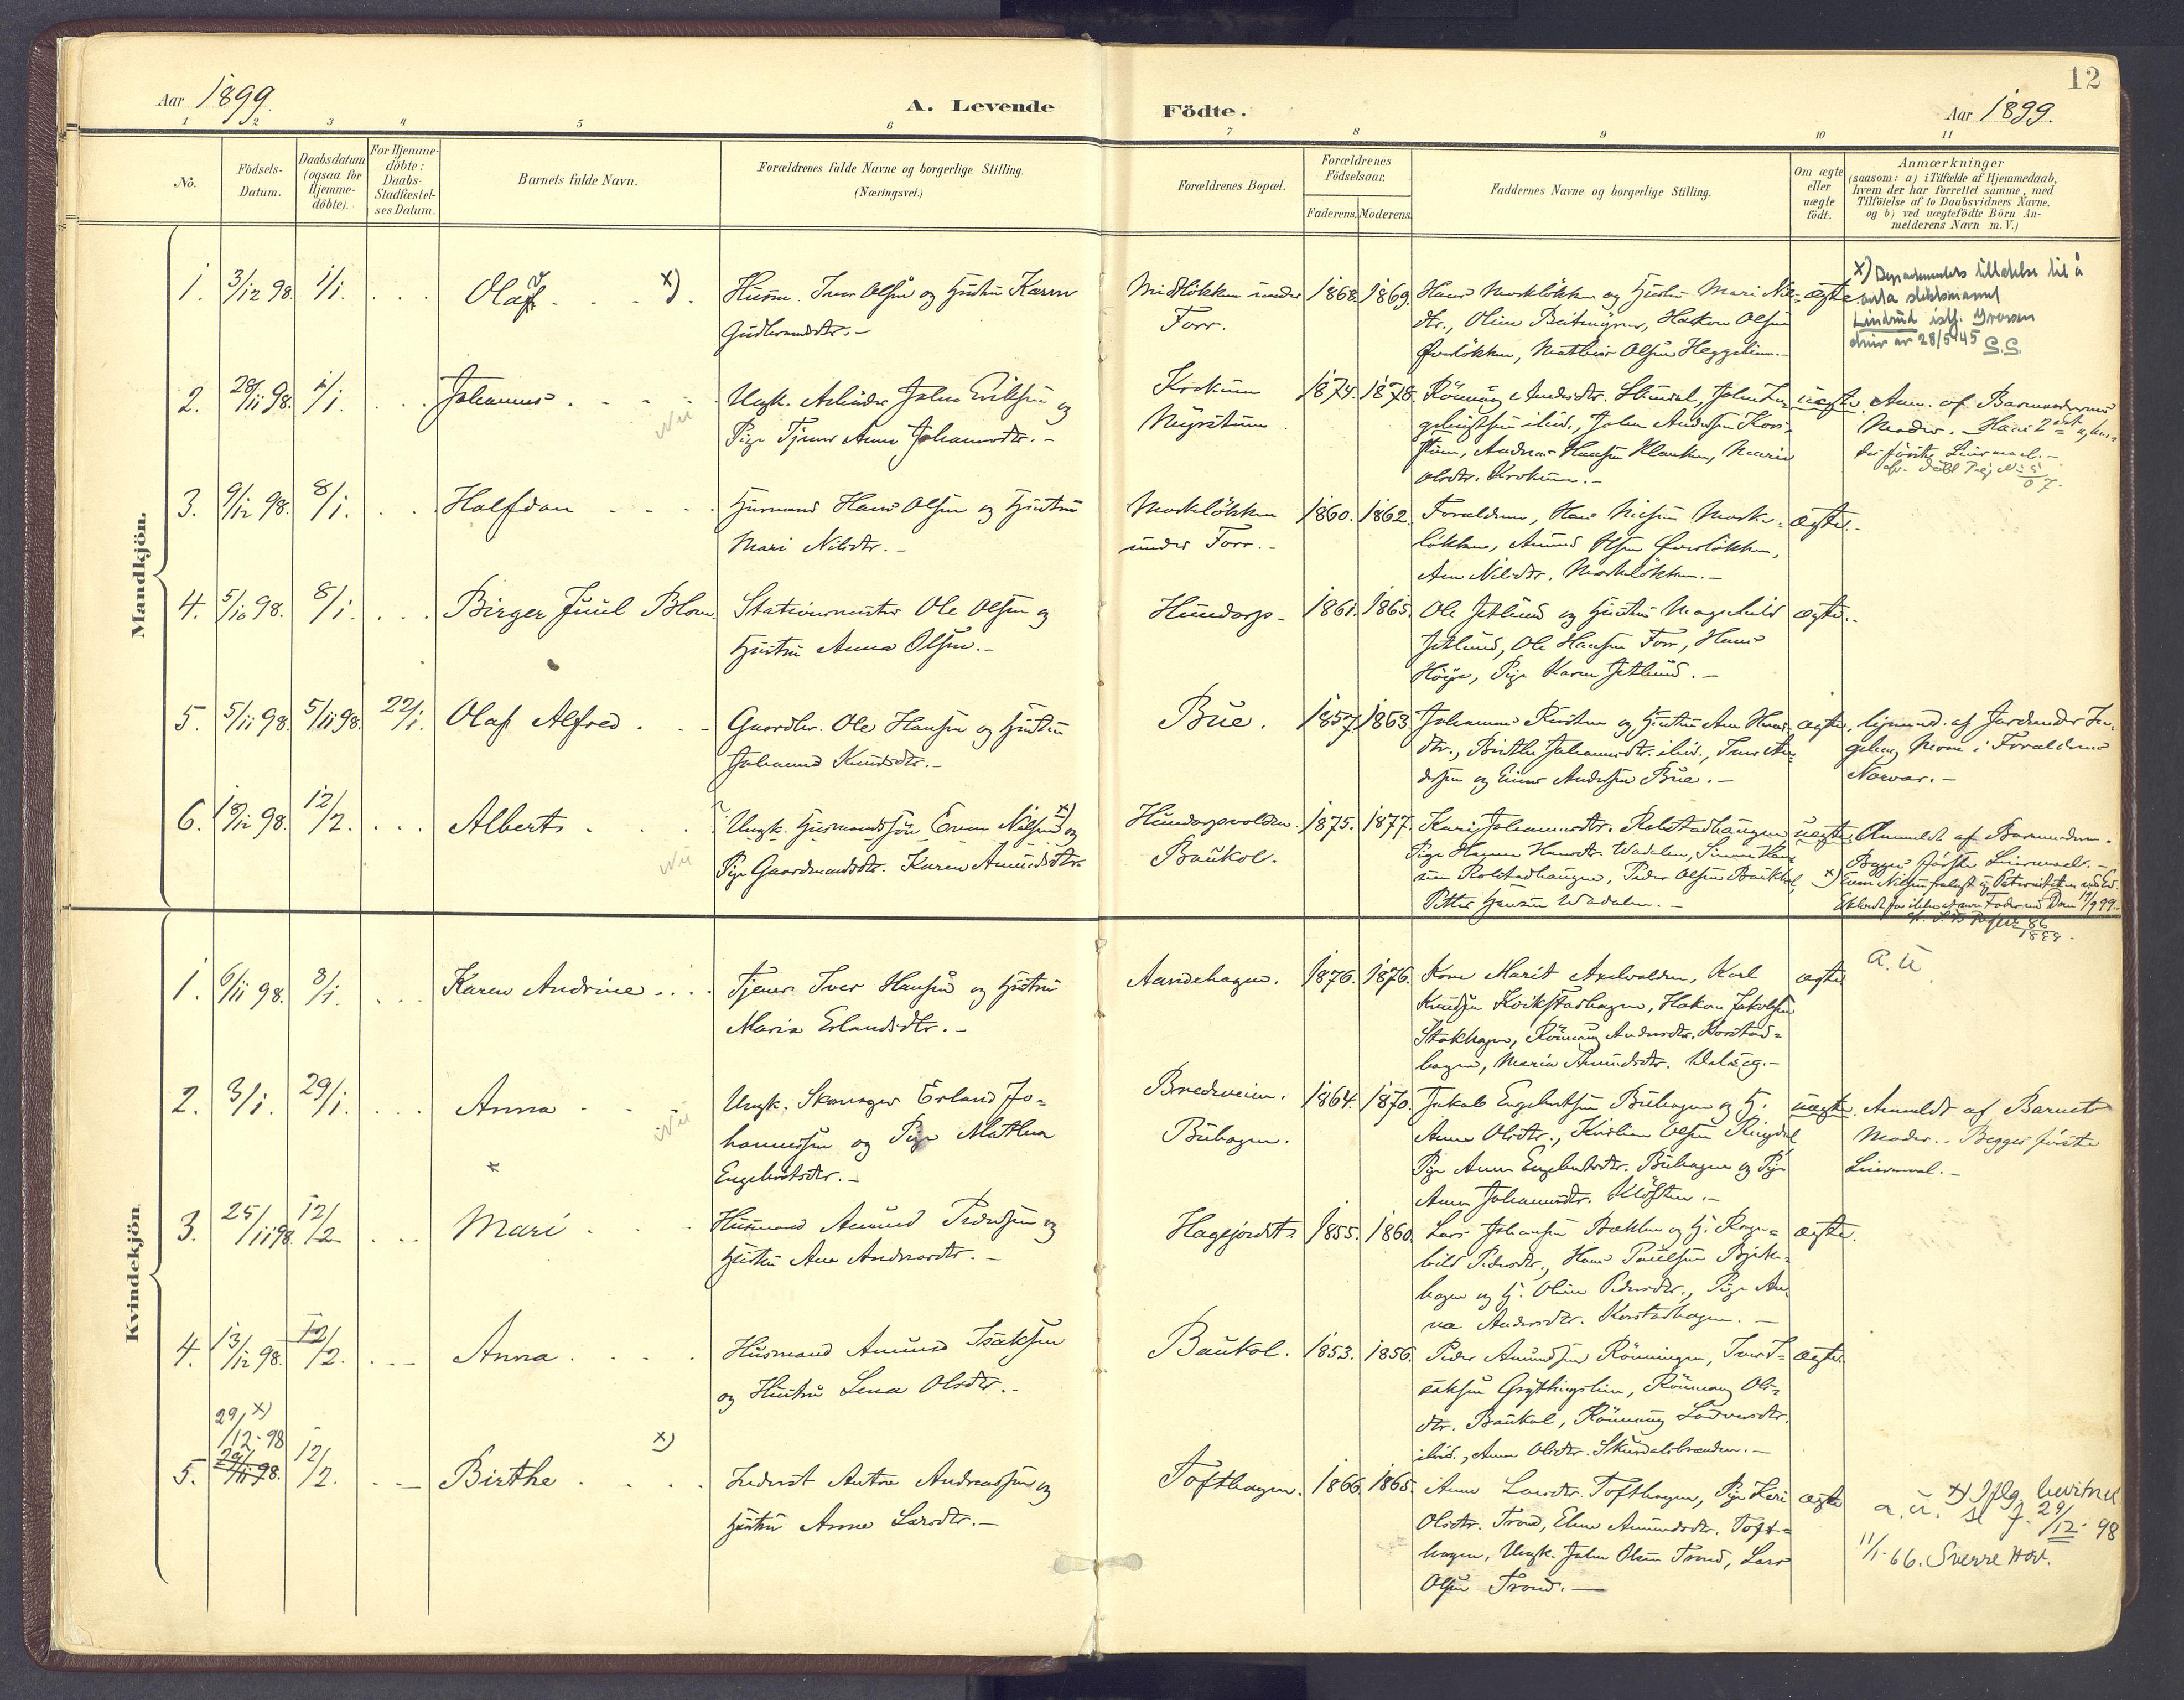 SAH, Sør-Fron prestekontor, H/Ha/Haa/L0004: Ministerialbok nr. 4, 1898-1919, s. 12